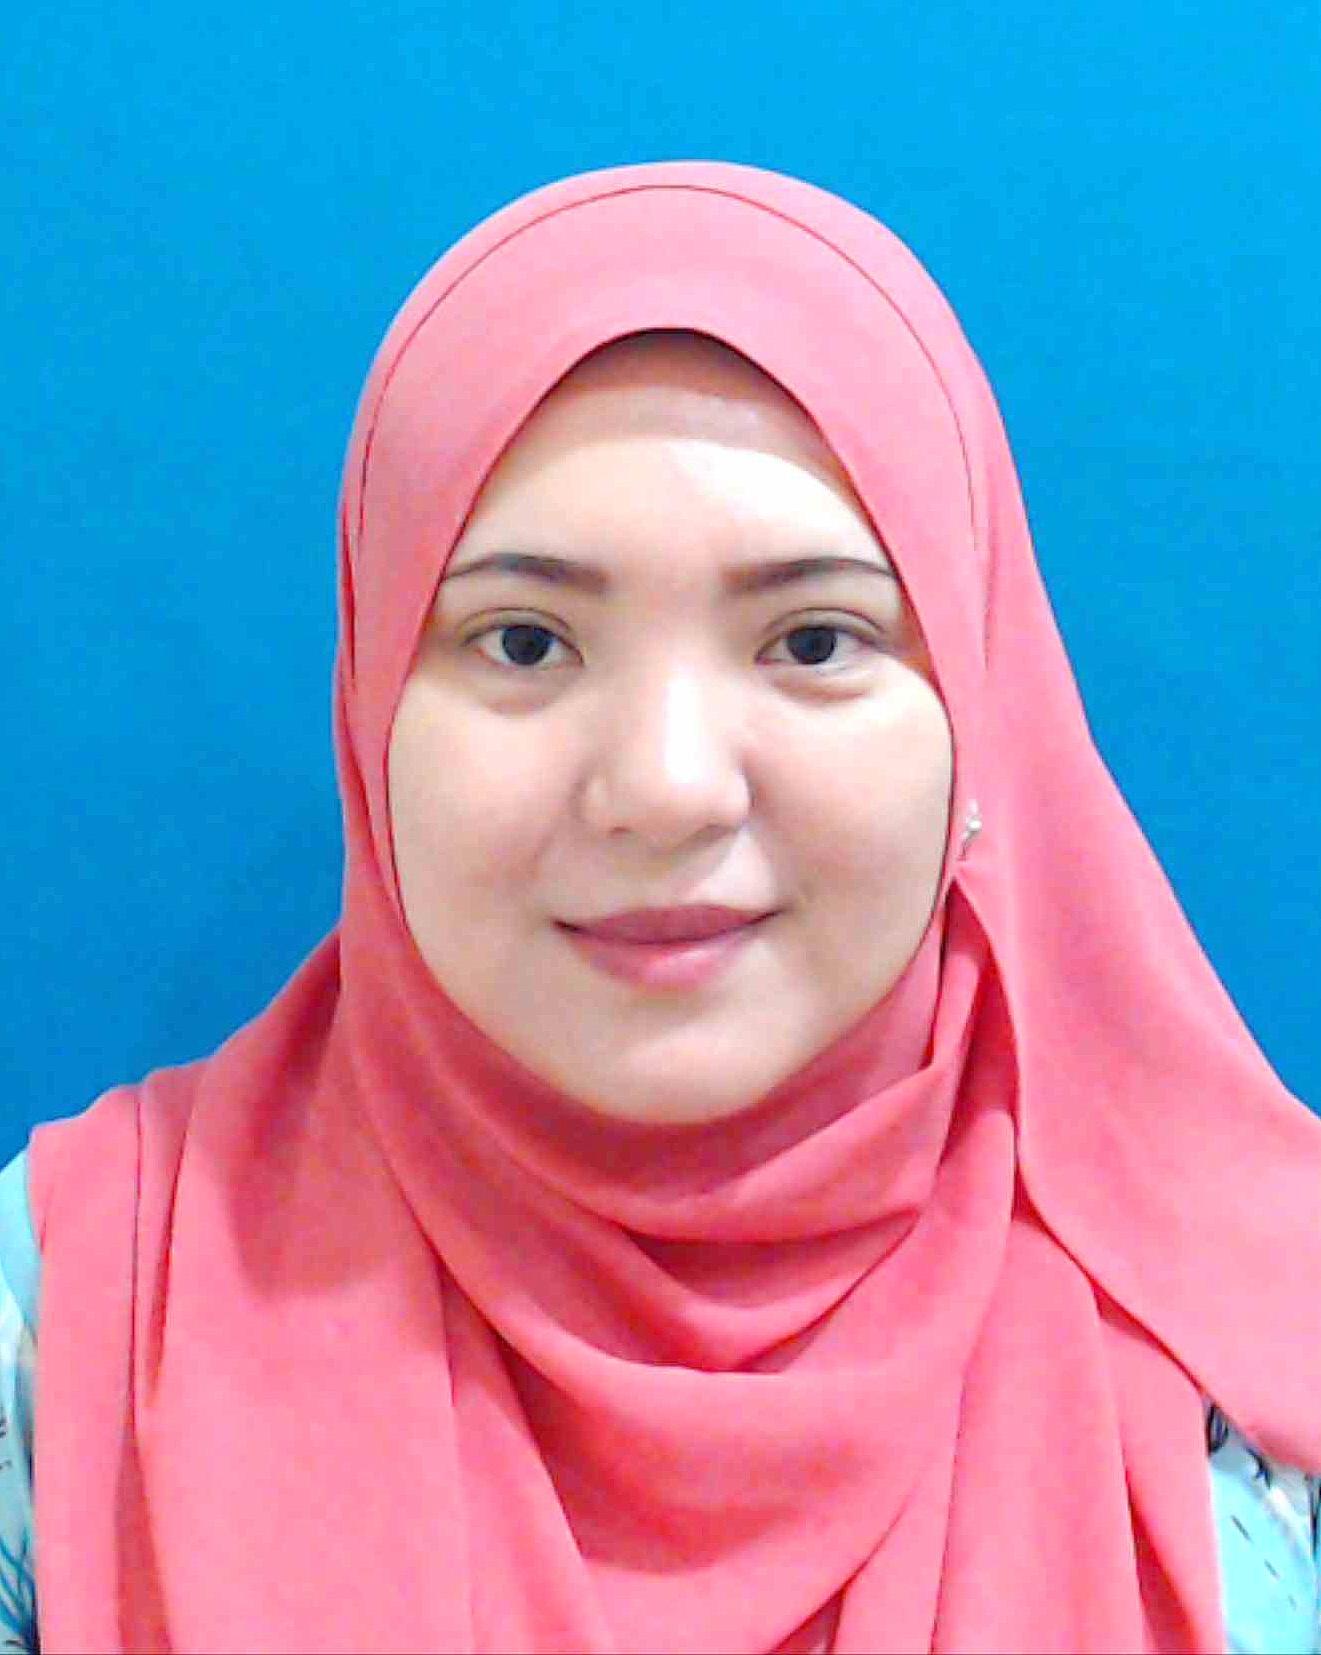 Nor Zaimah Binti Abdul Razak